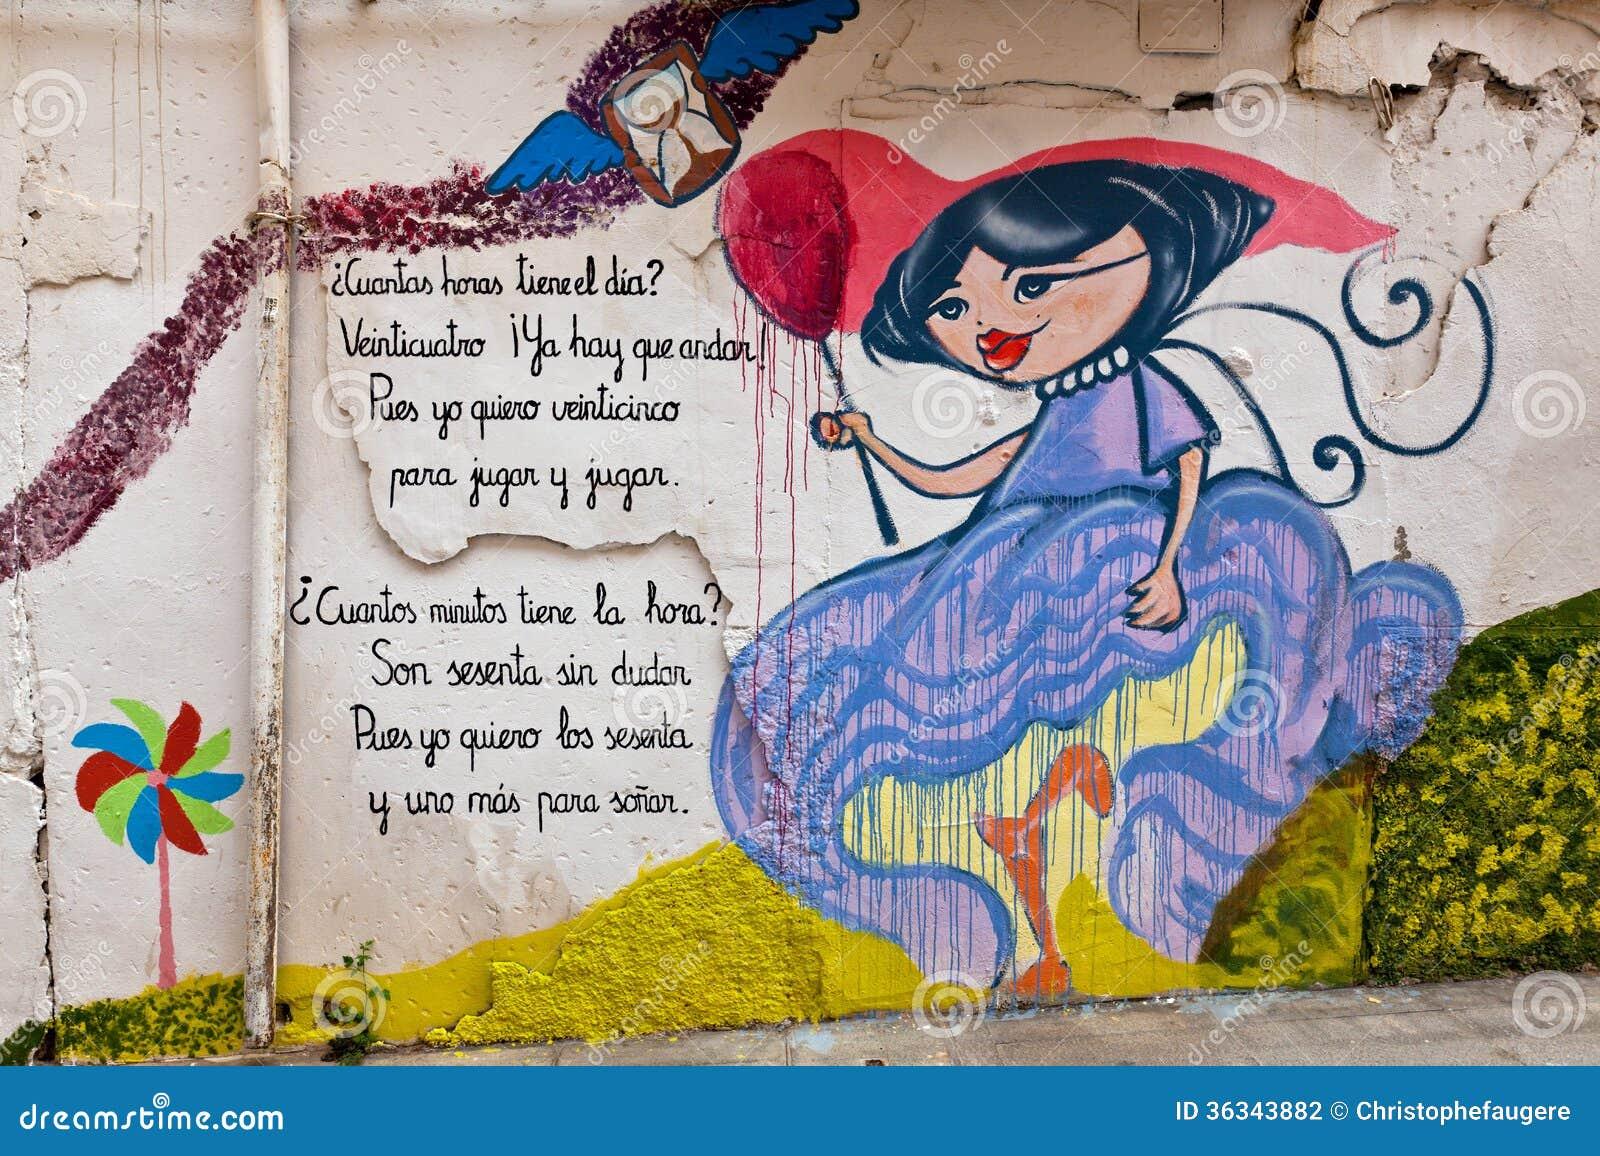 Exterior Murals On Buildings Best Wallpaper Background